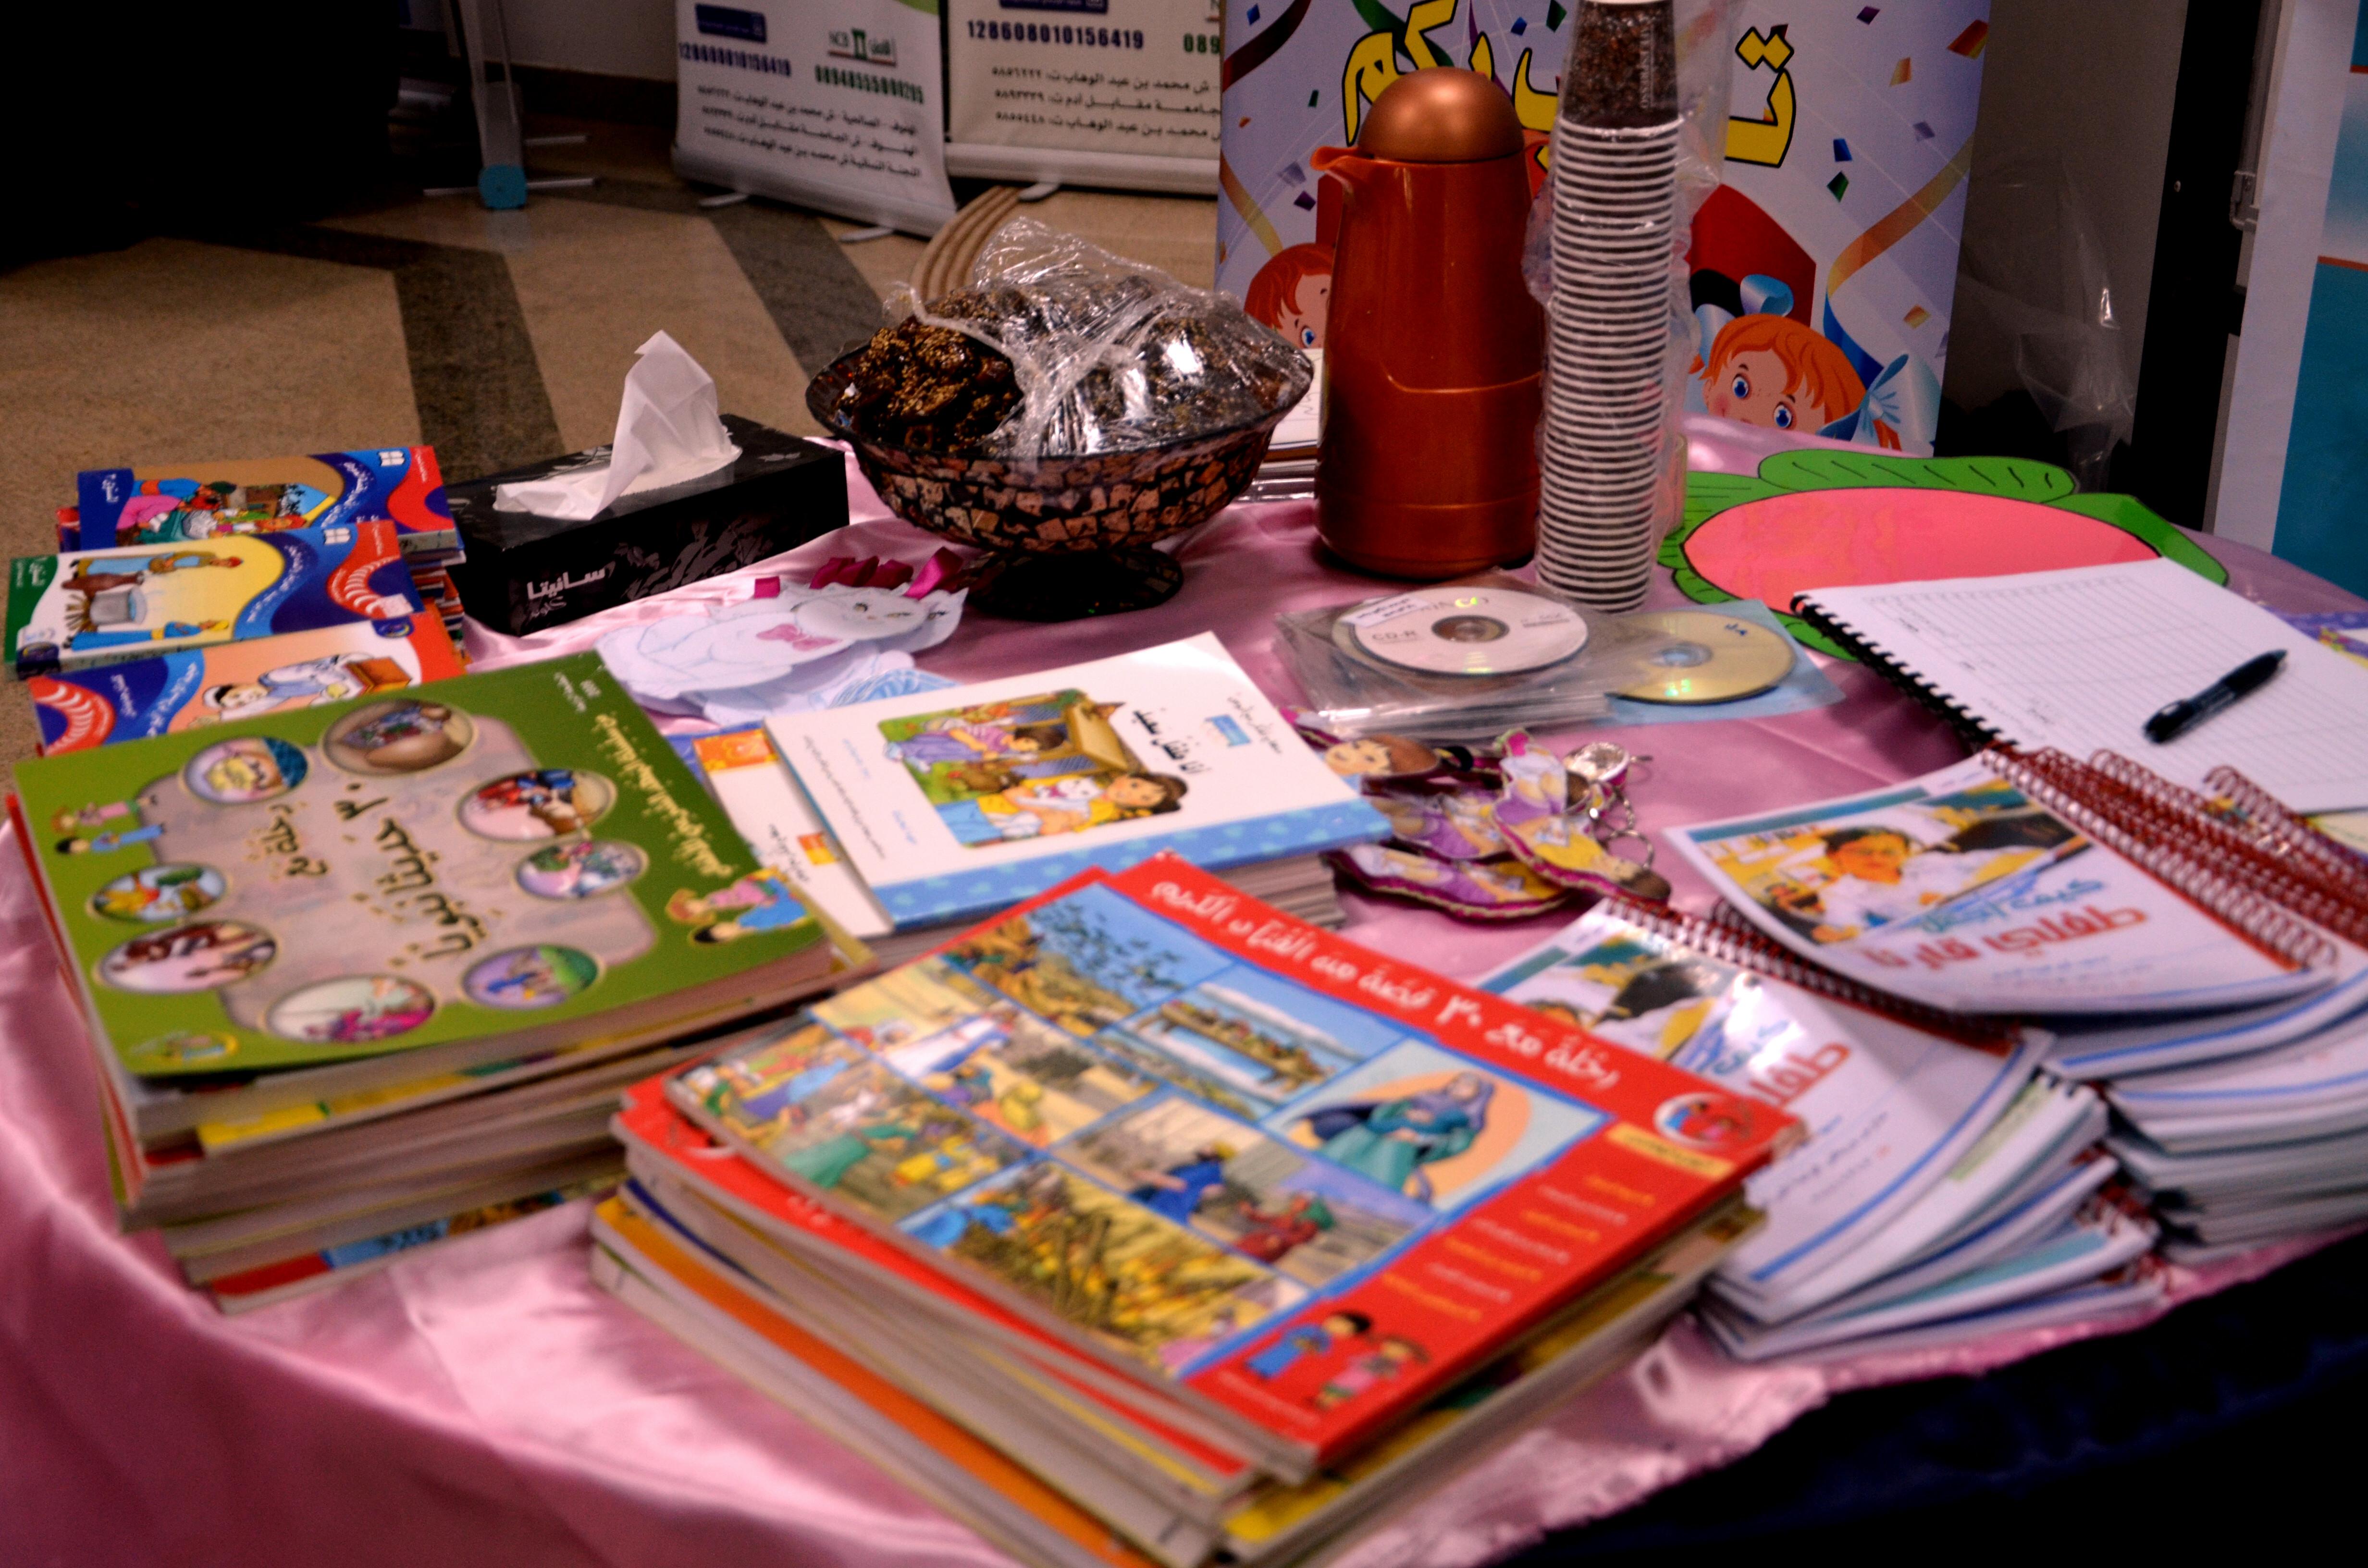 مركز الصالحية يختتم يوم اليتيم بمشاركة 30 طفلا